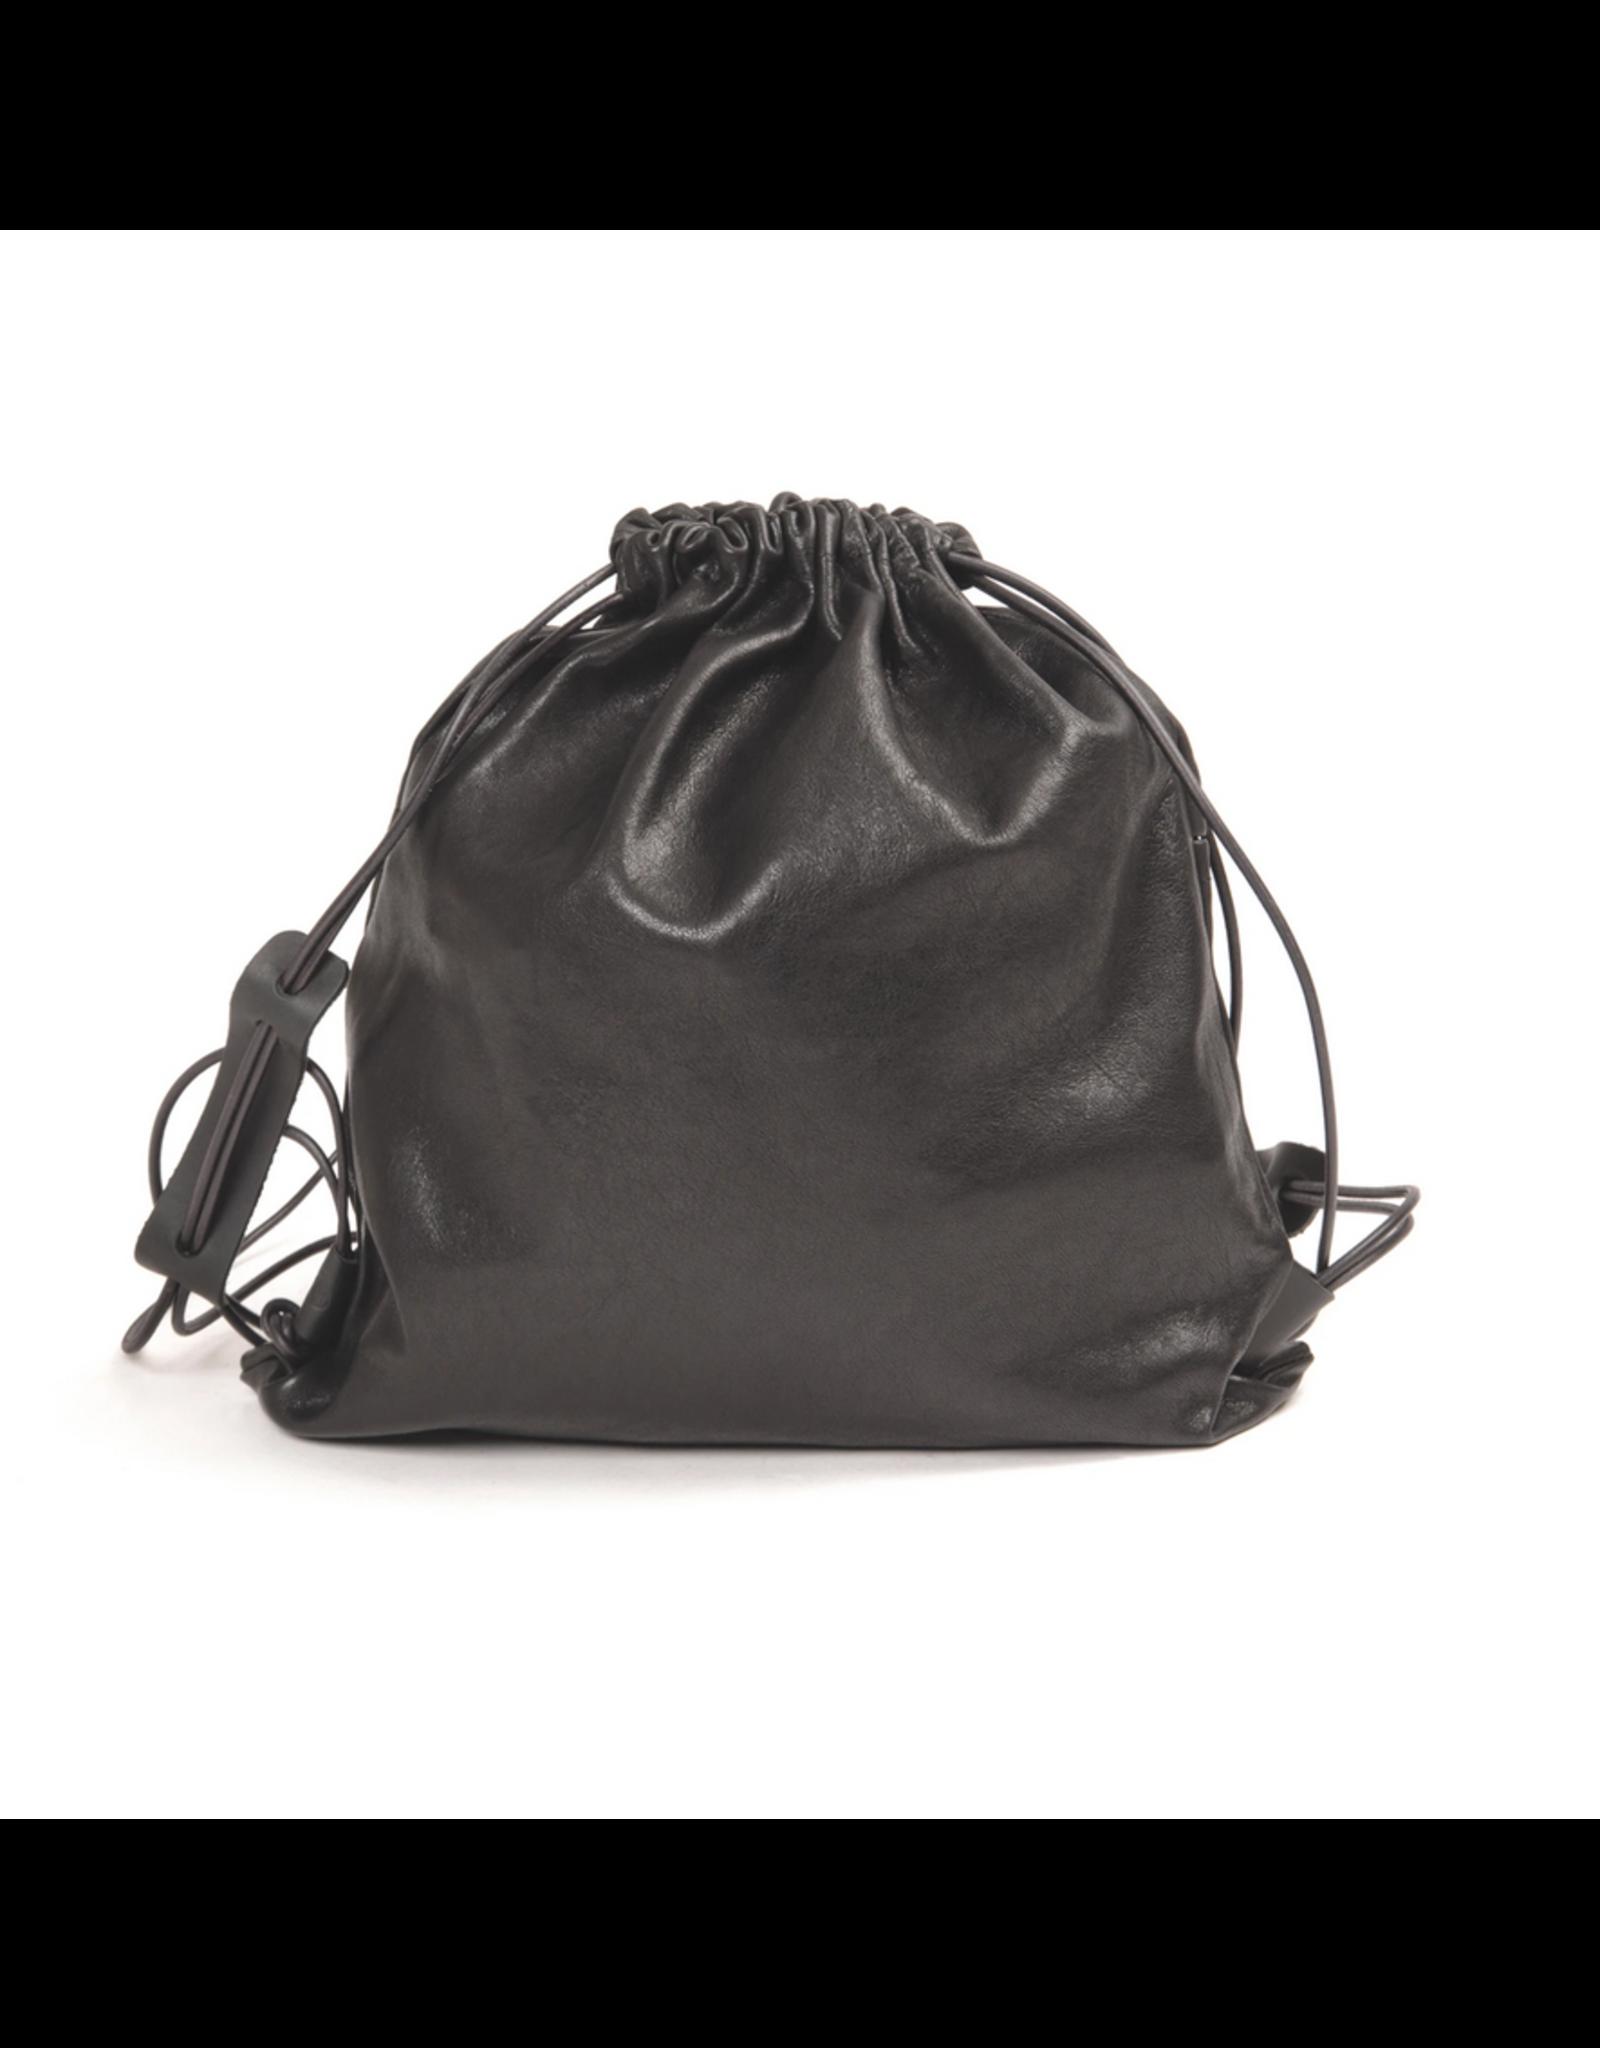 Harold's Sportsleeve Gym Bag